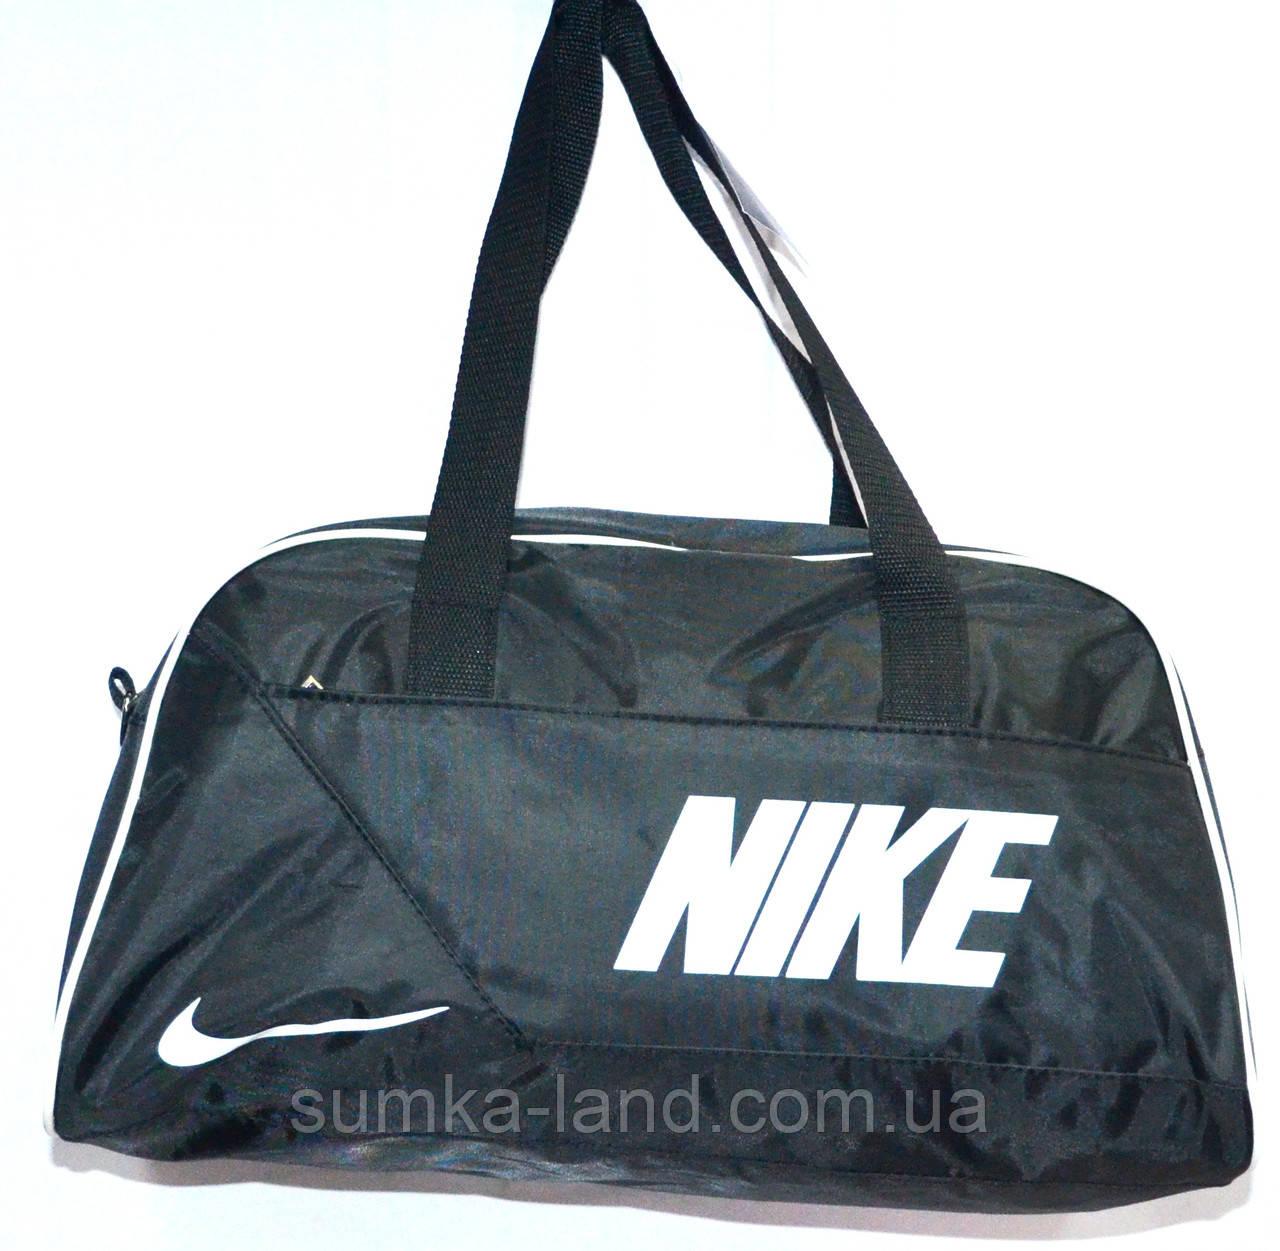 Универсальные спортивные сумки (ЧЕРНЫЙ - с - БЕЛЫМ)